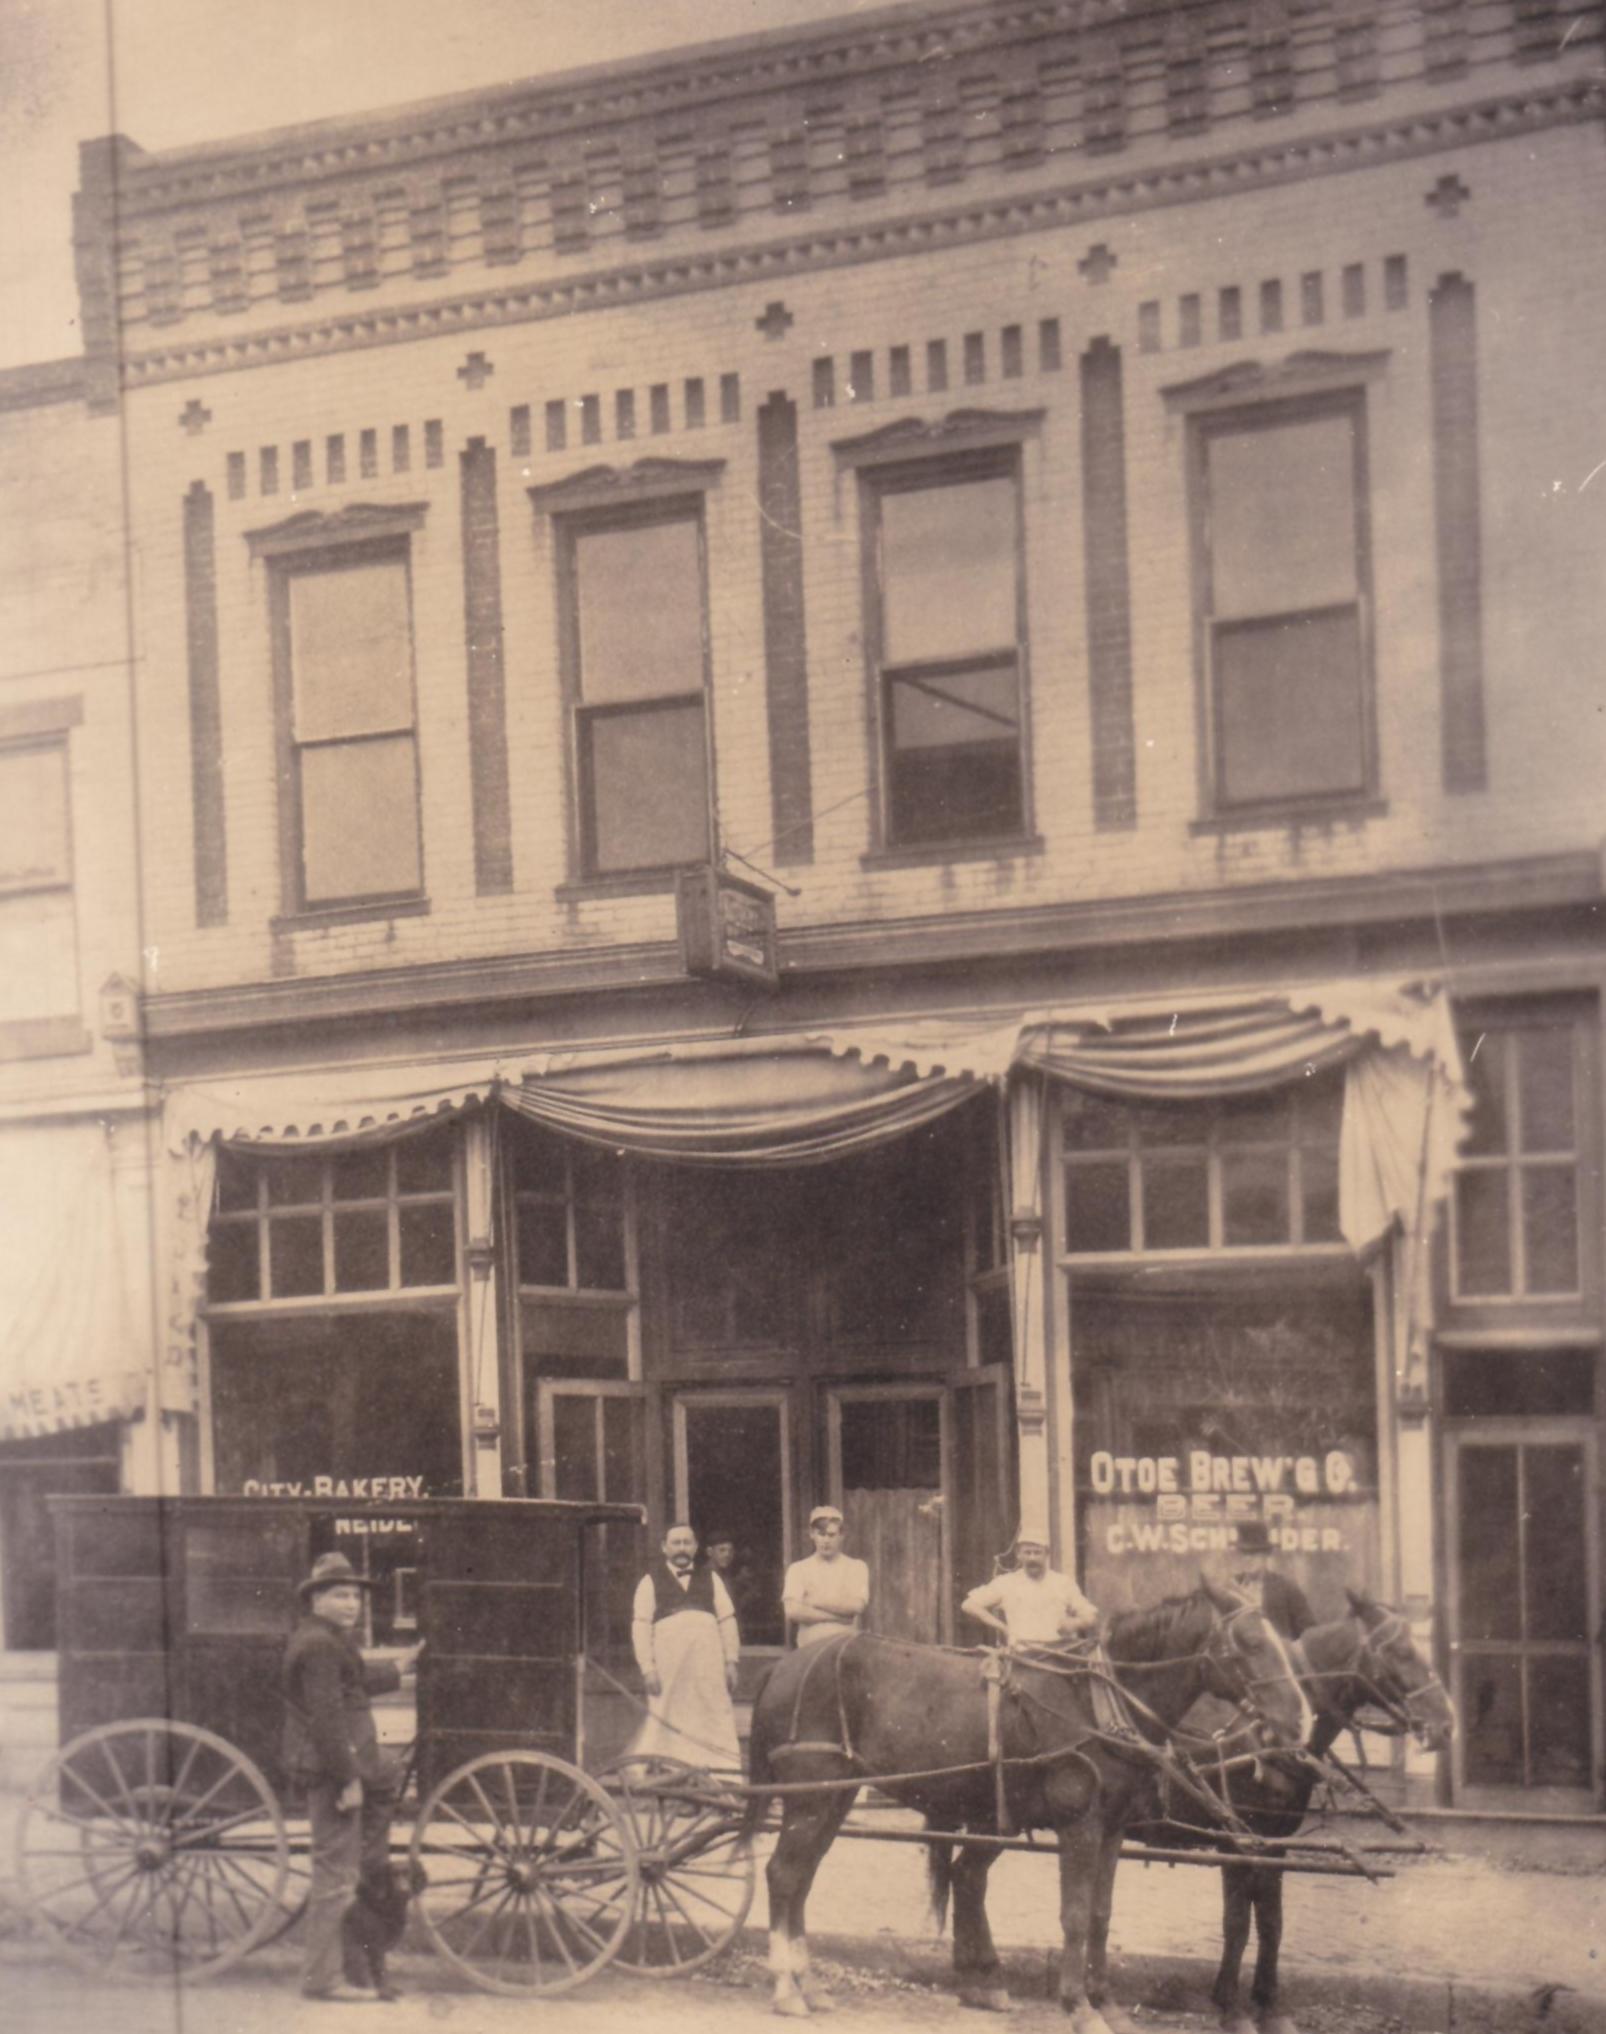 {credit: Nebraska City Historical Society]